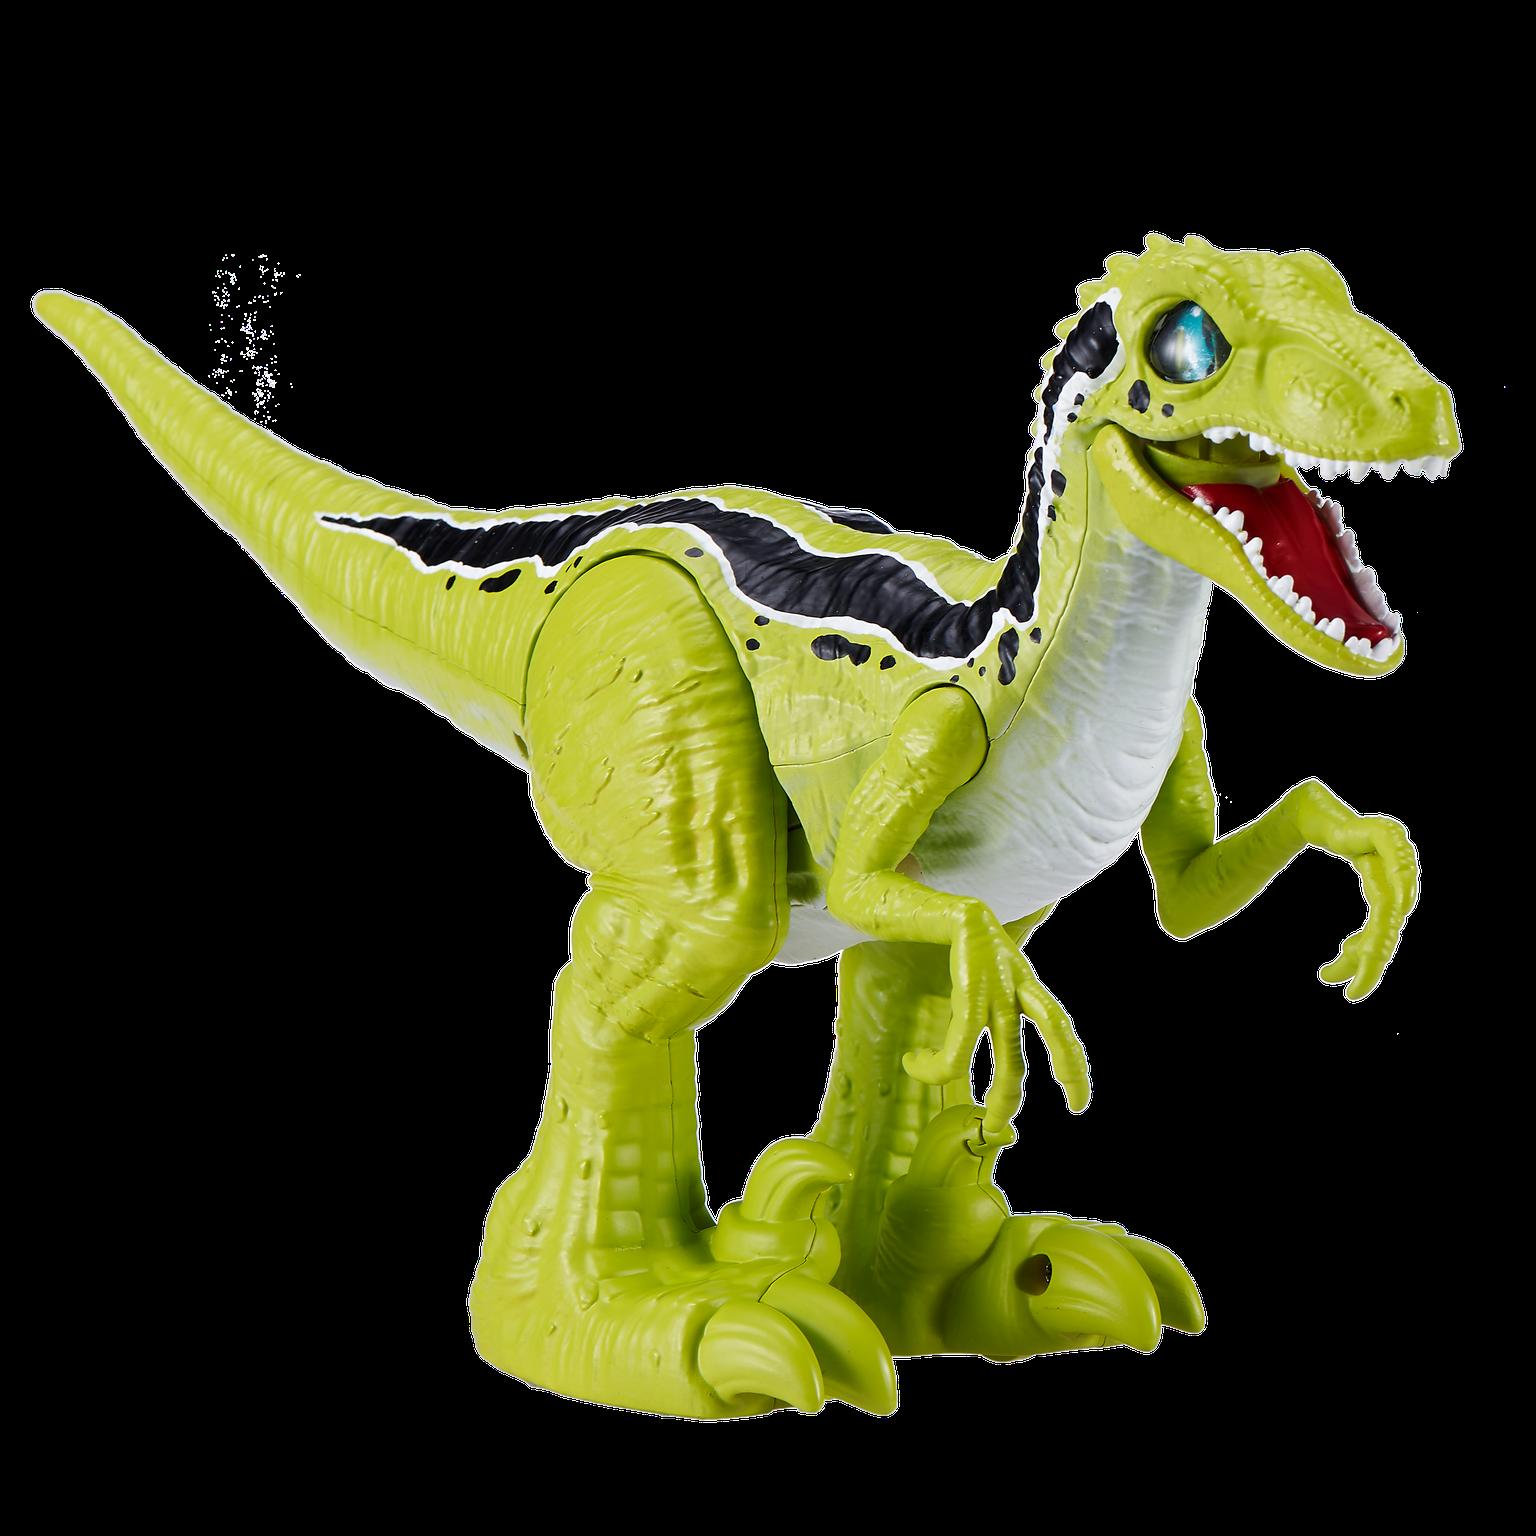 Roboalive - Raptor - Green